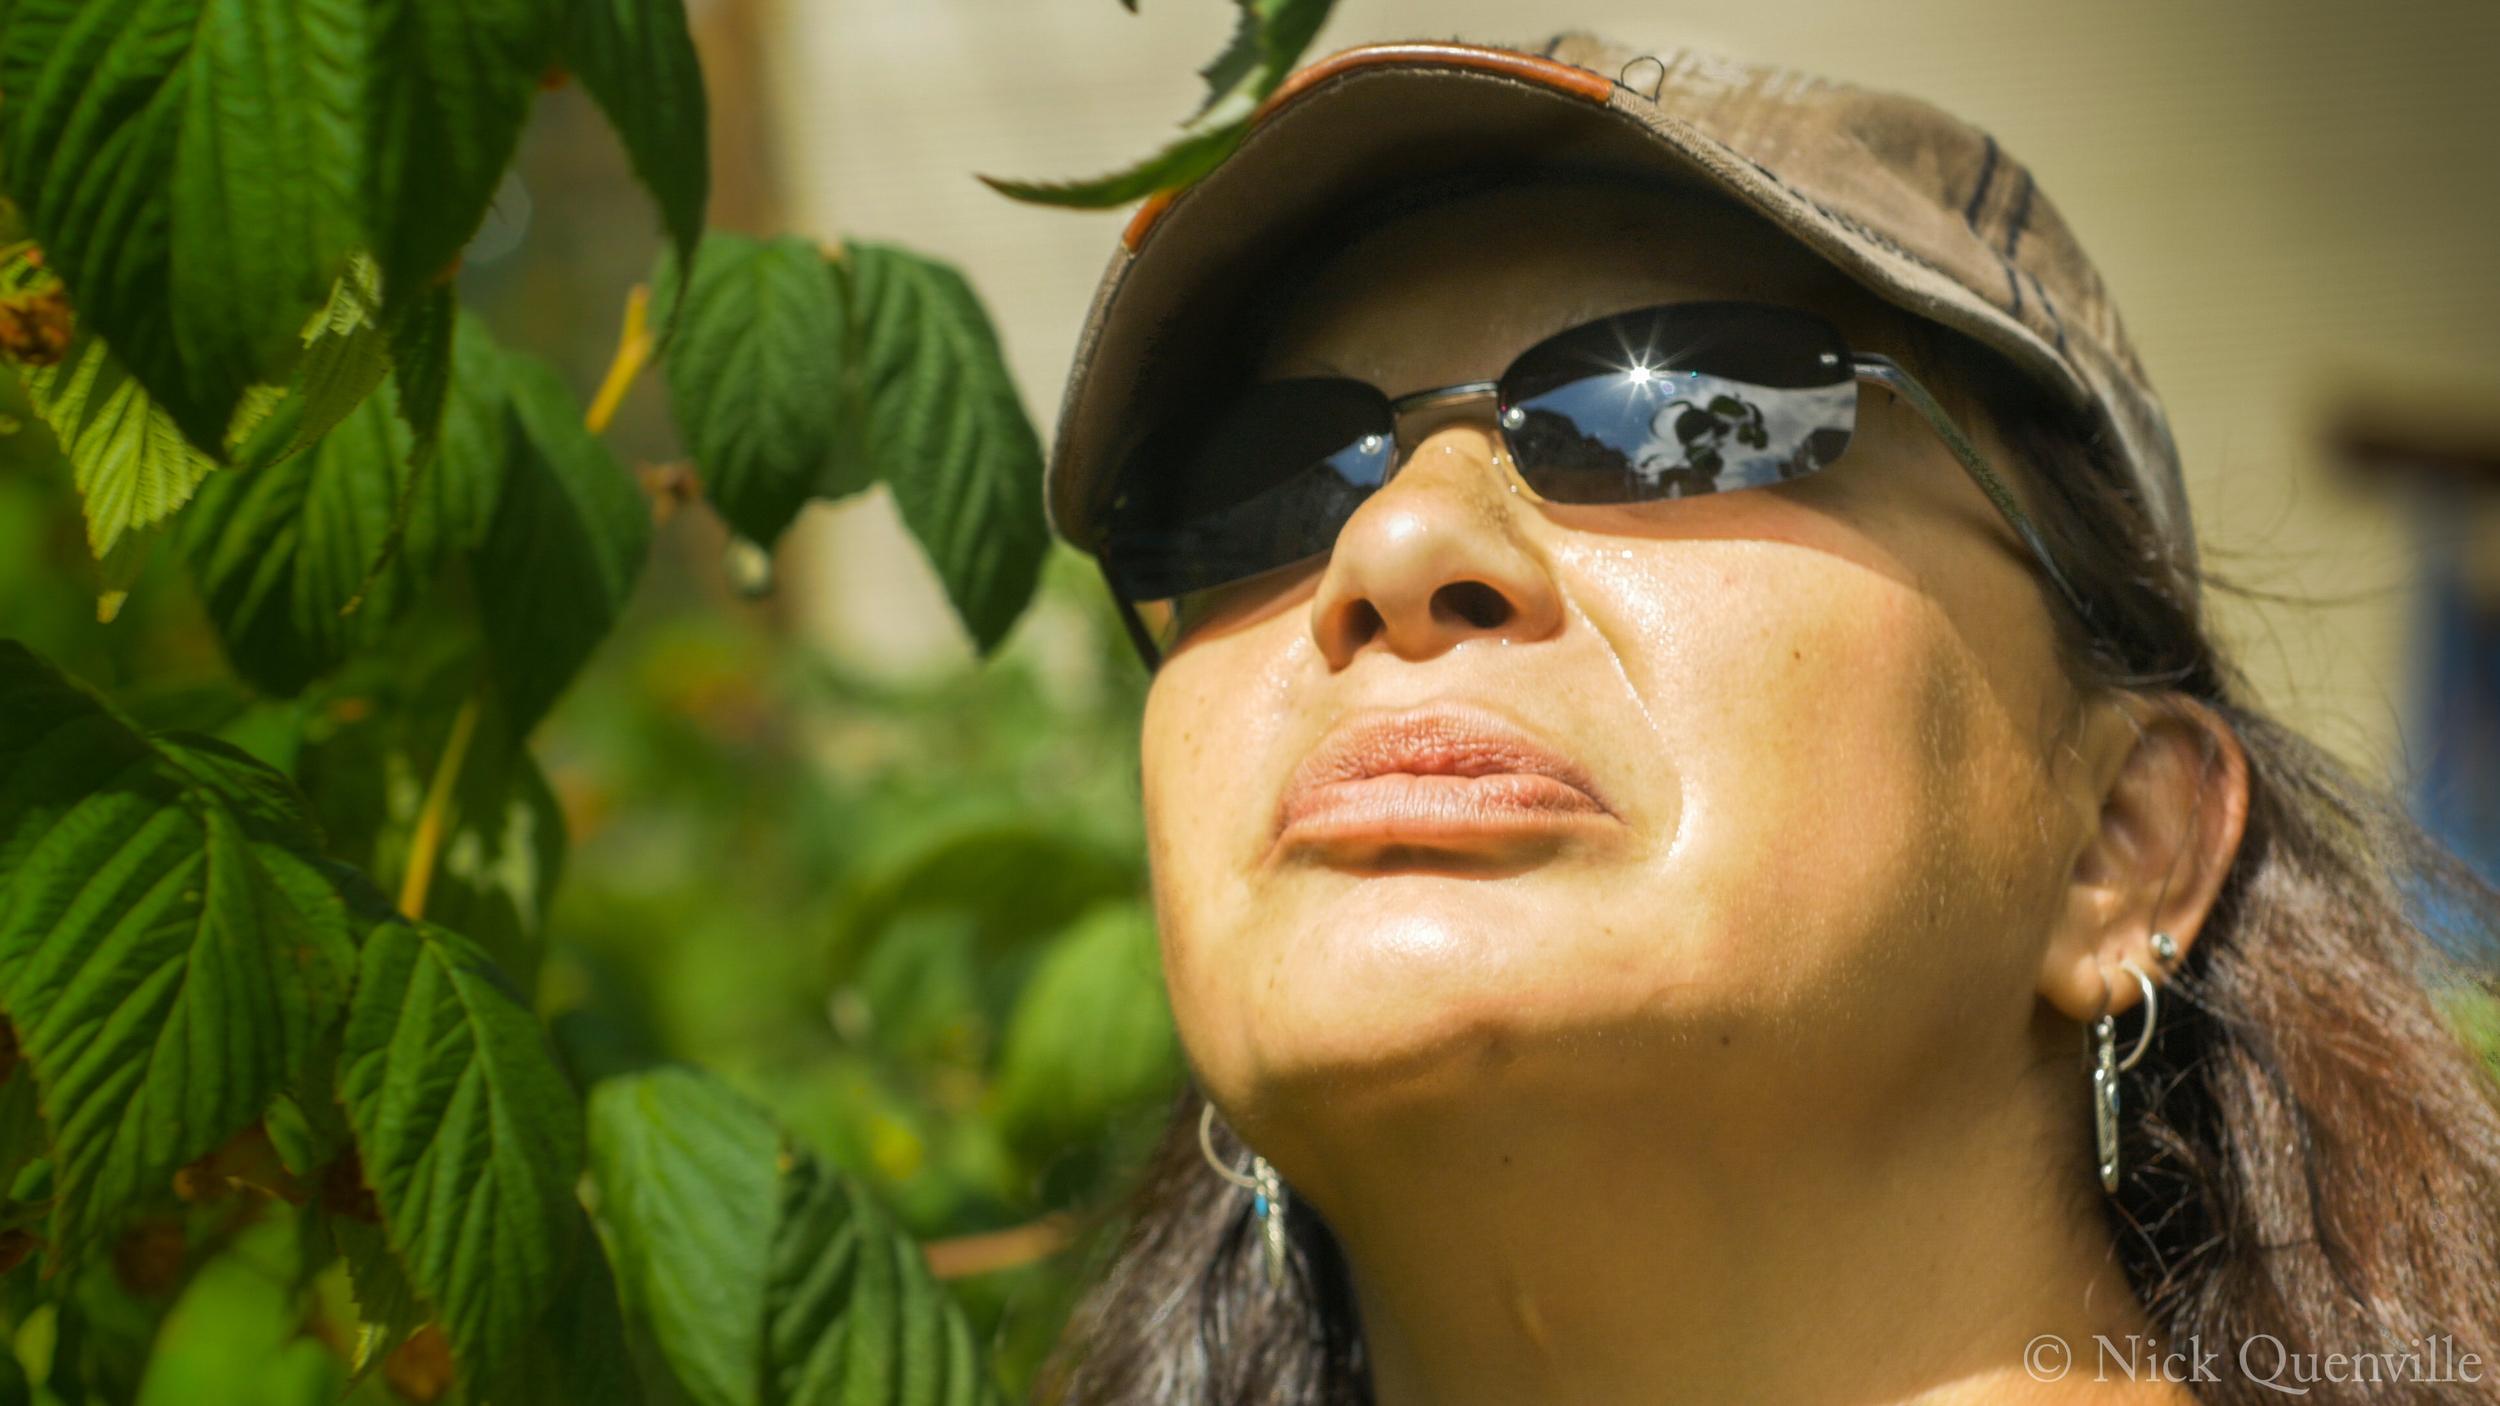 Sharon looking up 1.jpg